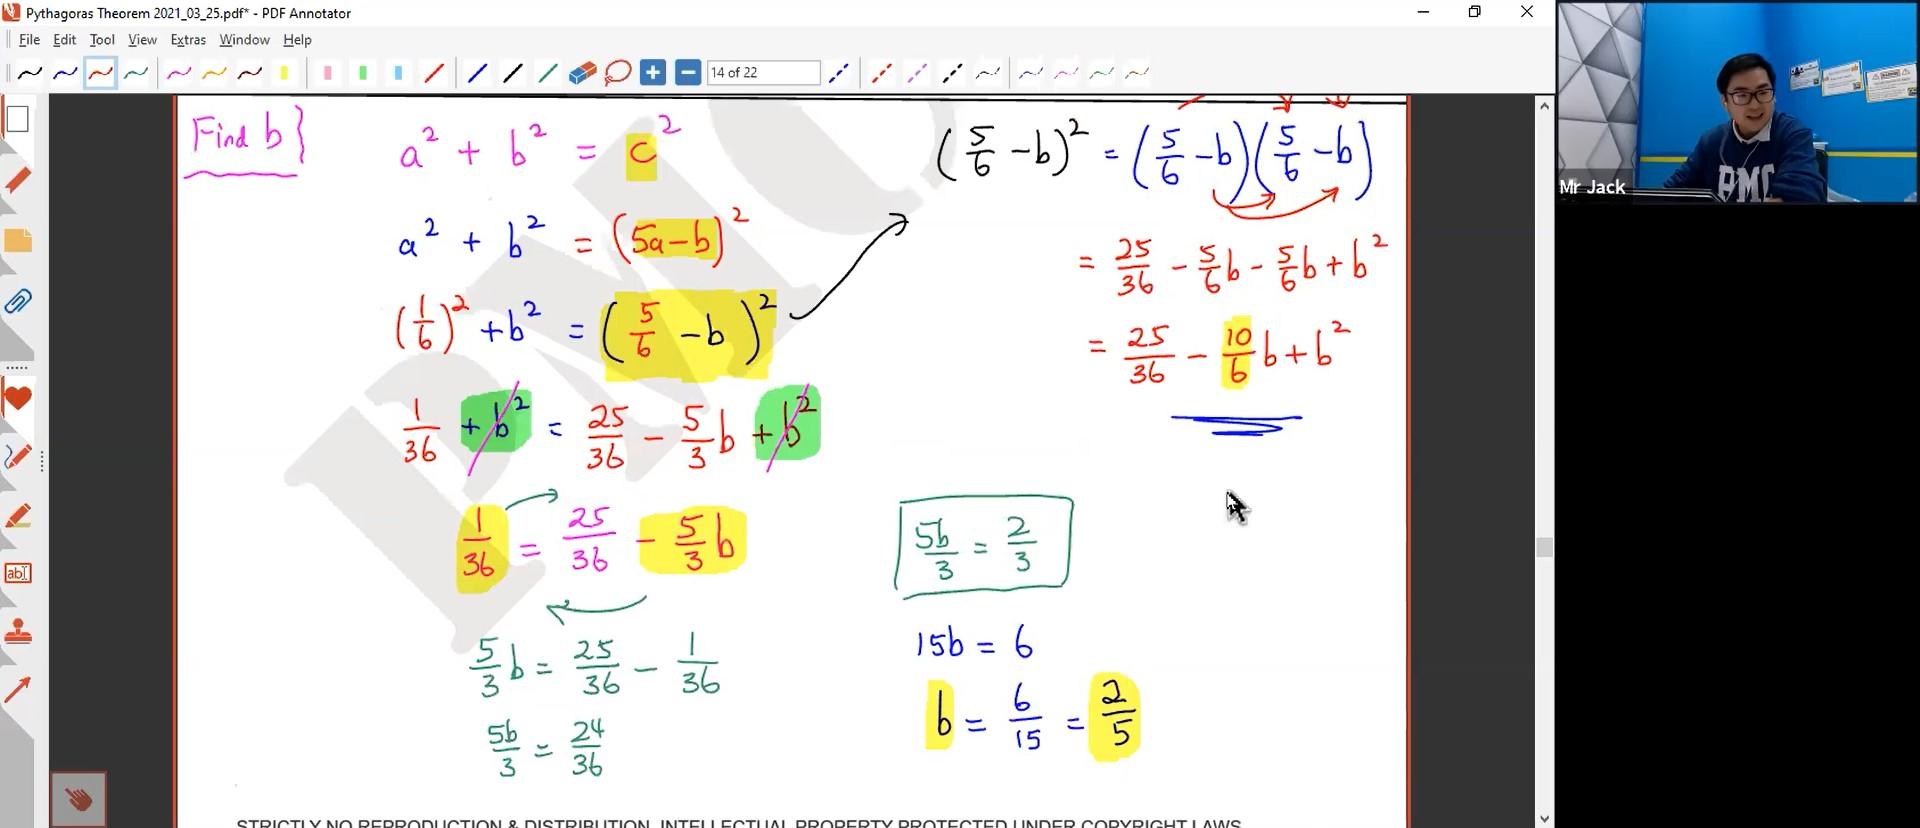 27. Pythagoras Theorem